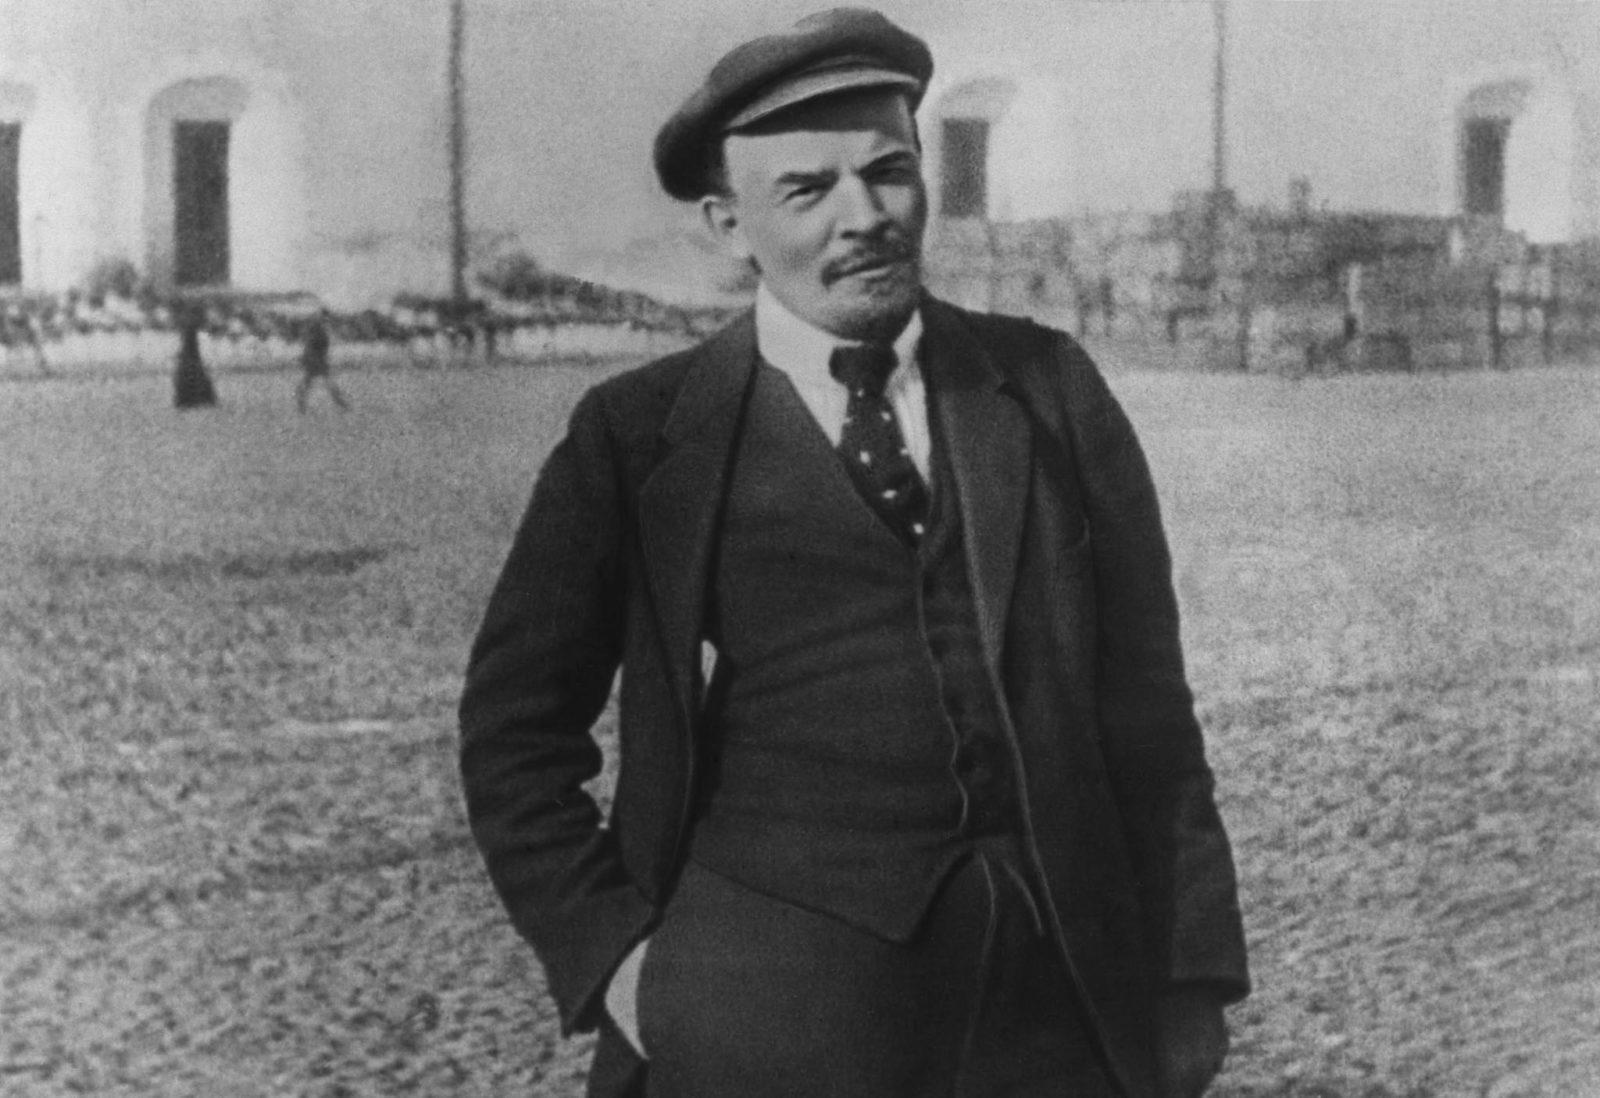 Телеграммы В.И. Ленина - записки садиста и убийцы